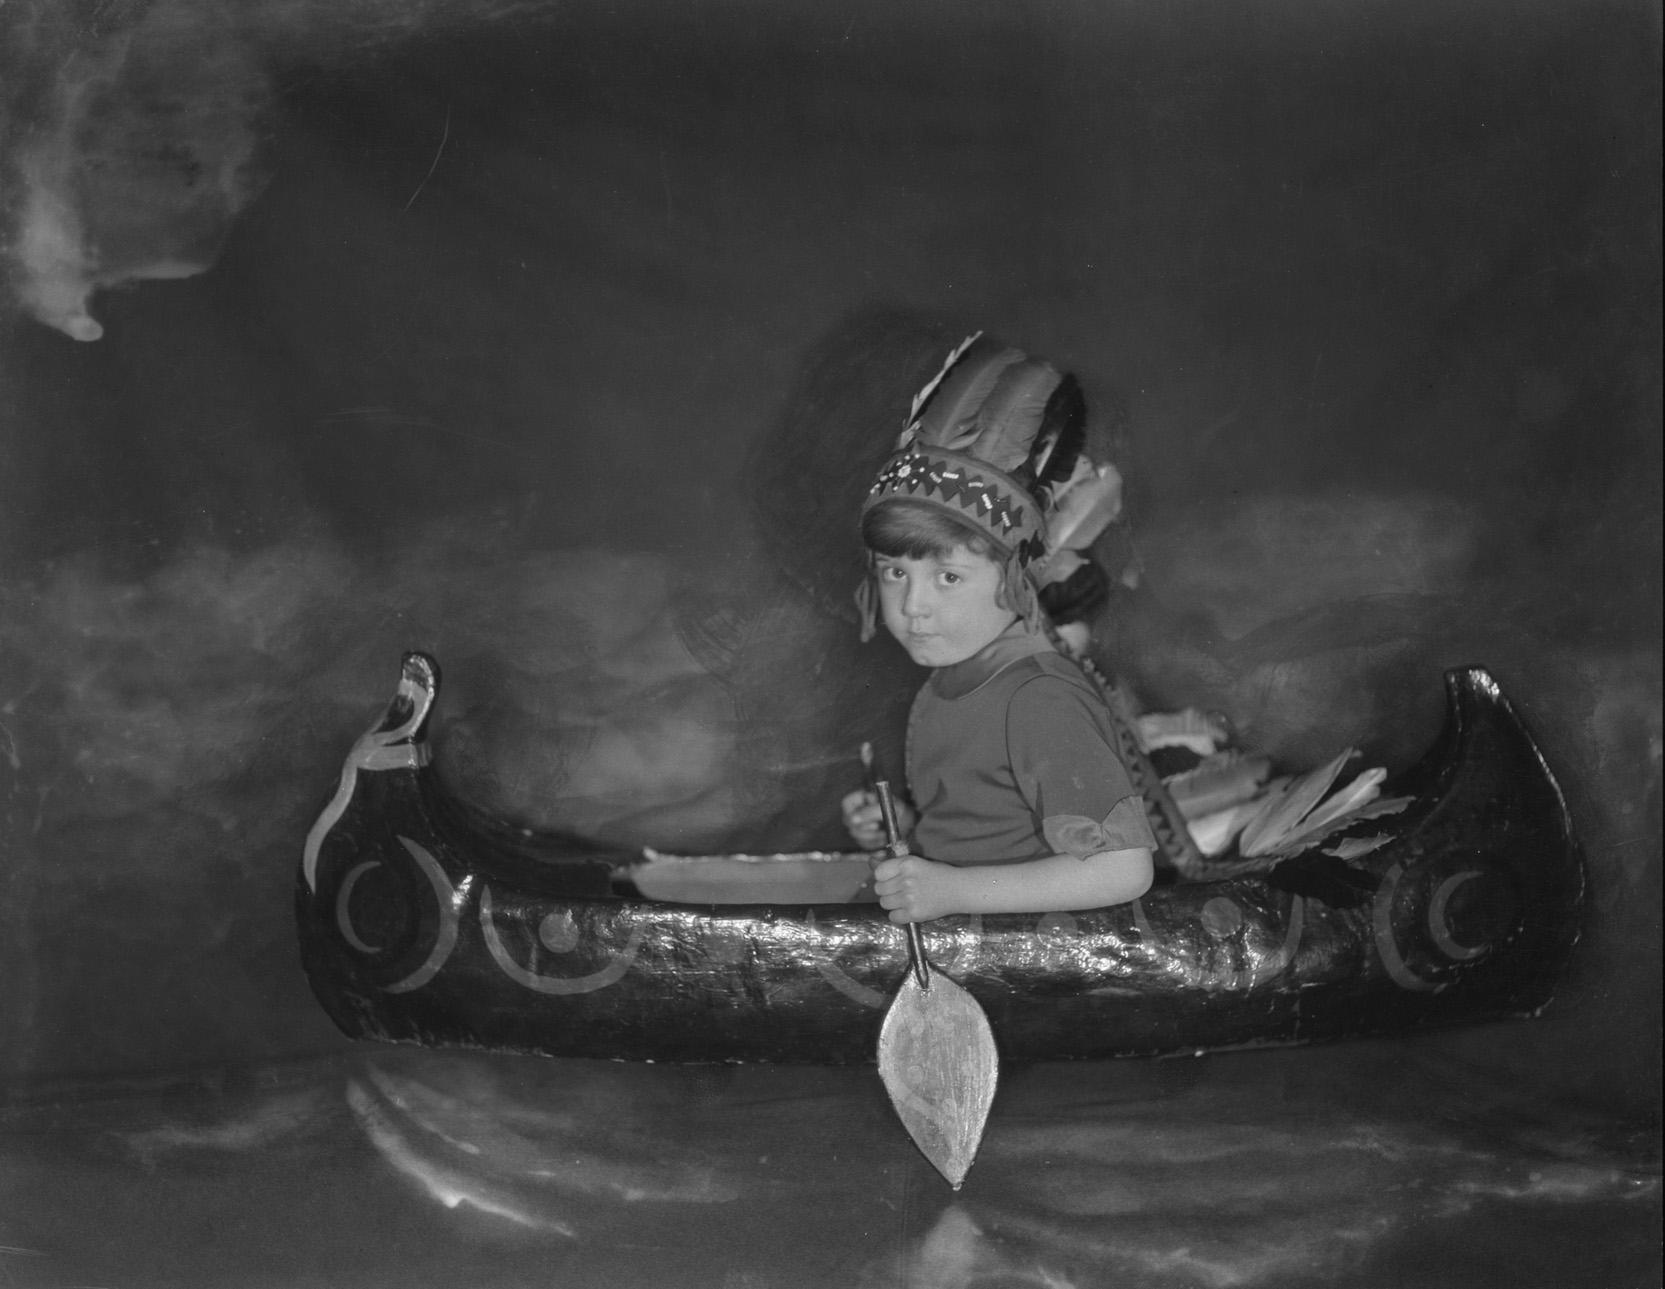 Paddling Toy Canoe fine art photography